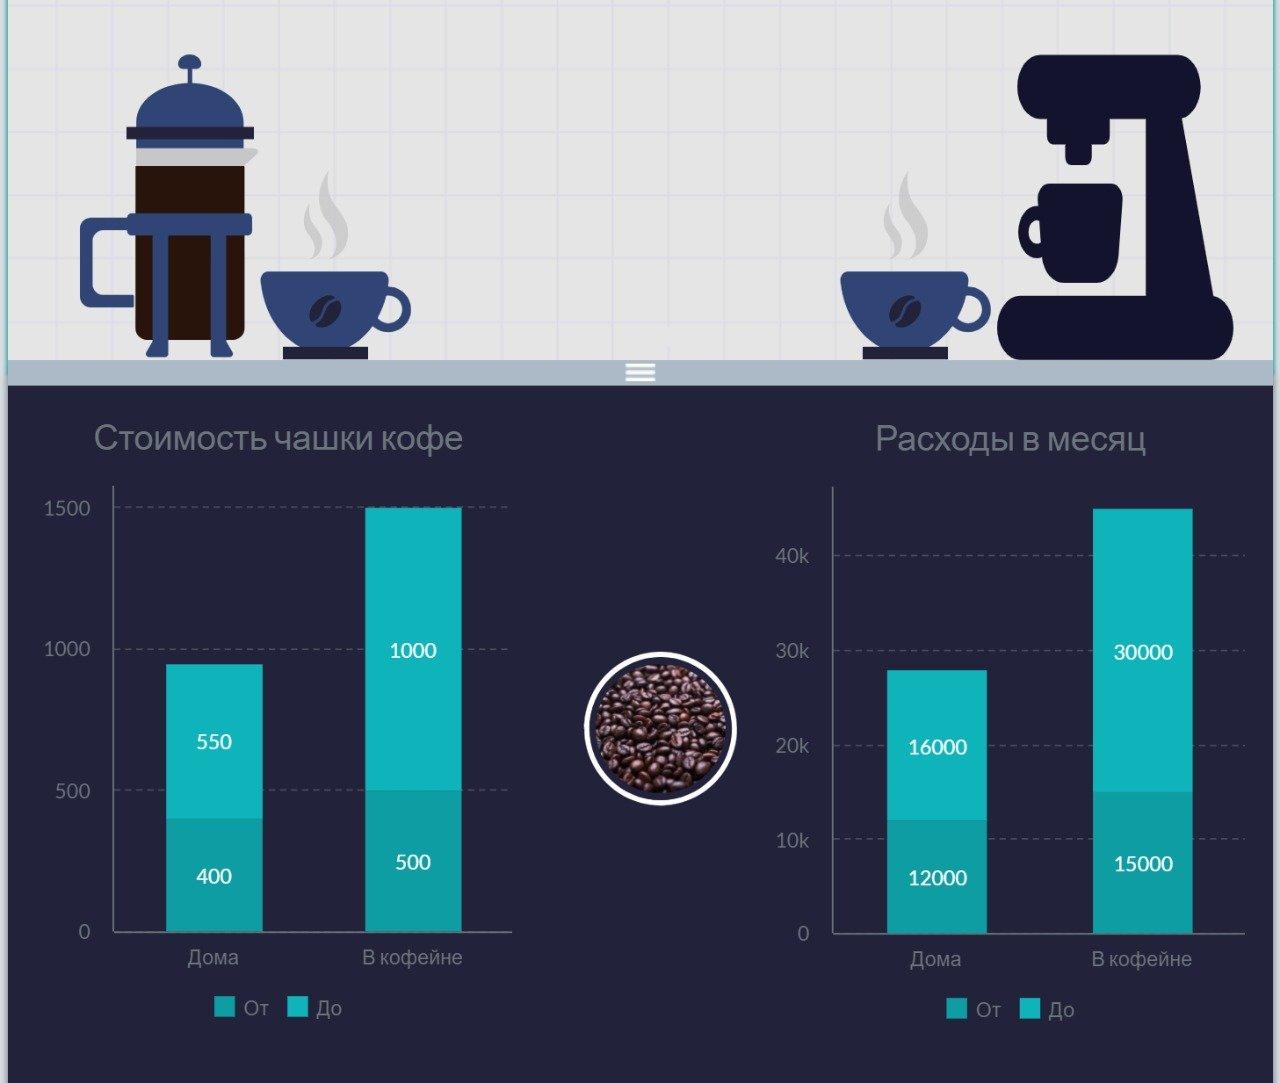 Стоимость кофе дома и в кофейнях